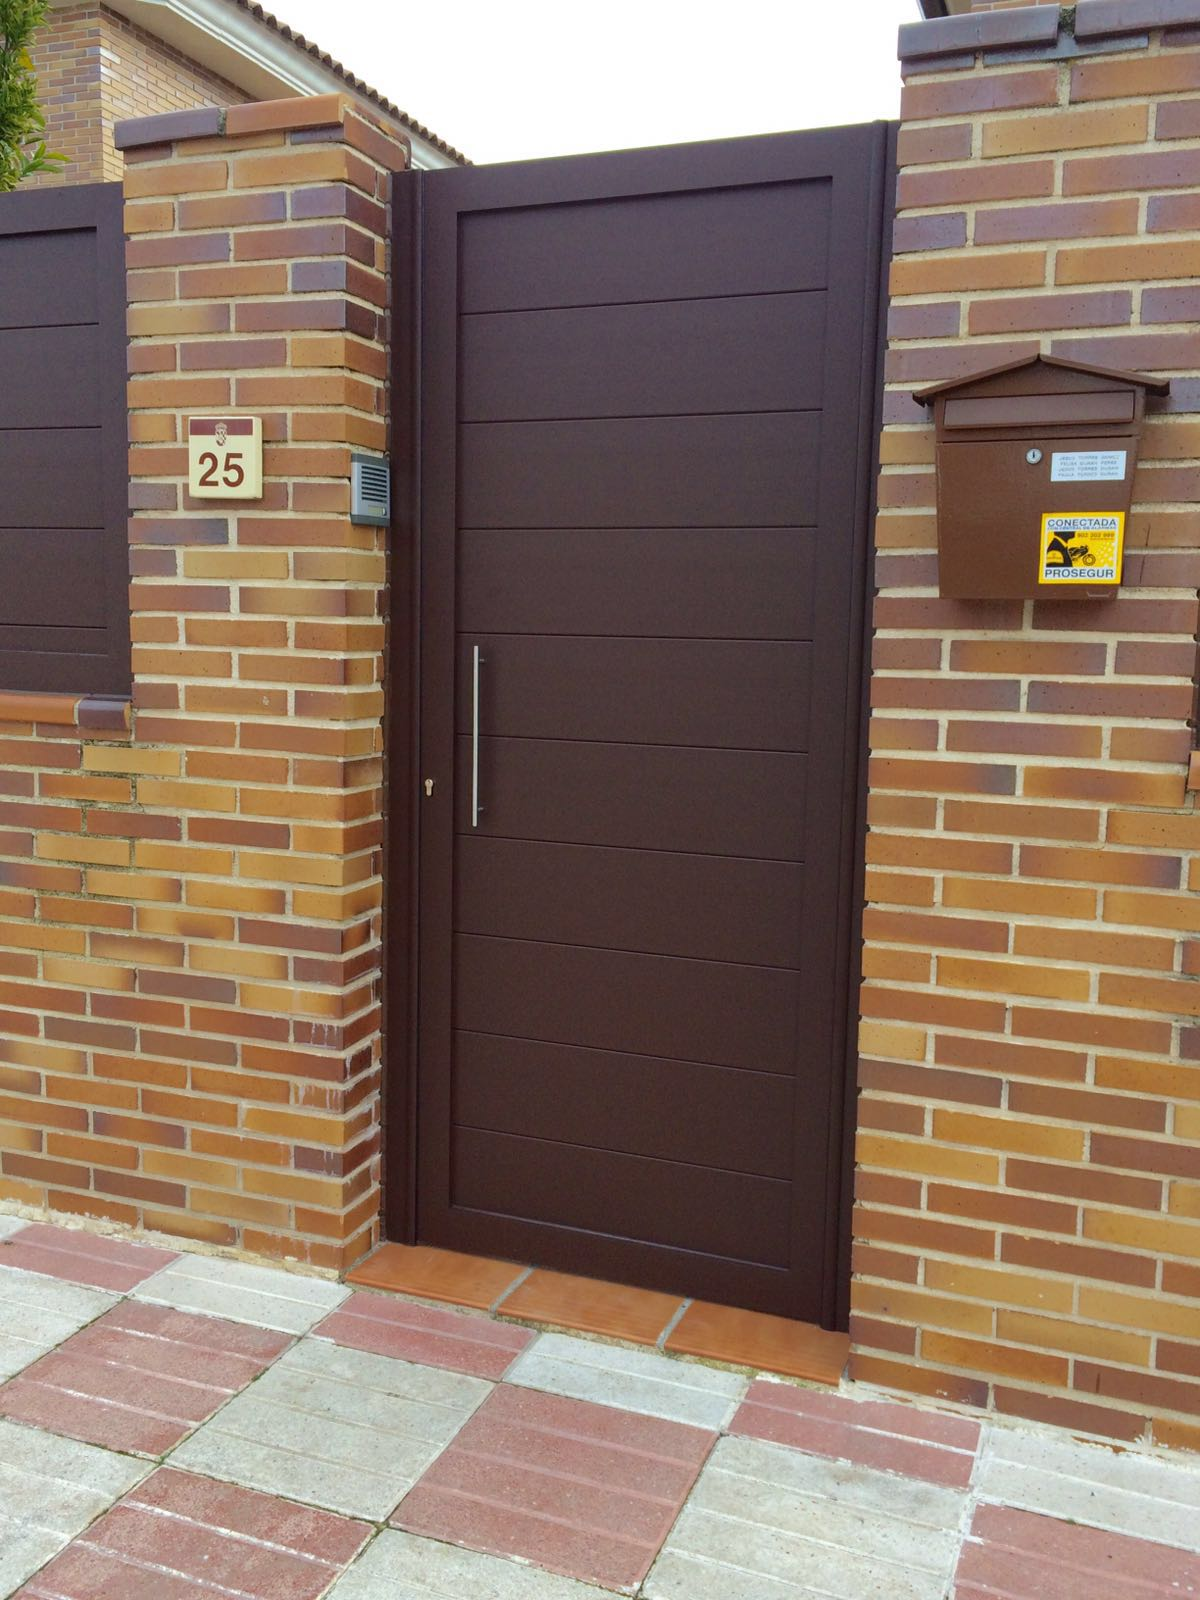 Puertas de aluminio para exterior modelo gri on for Puertas metalicas modernas para exterior